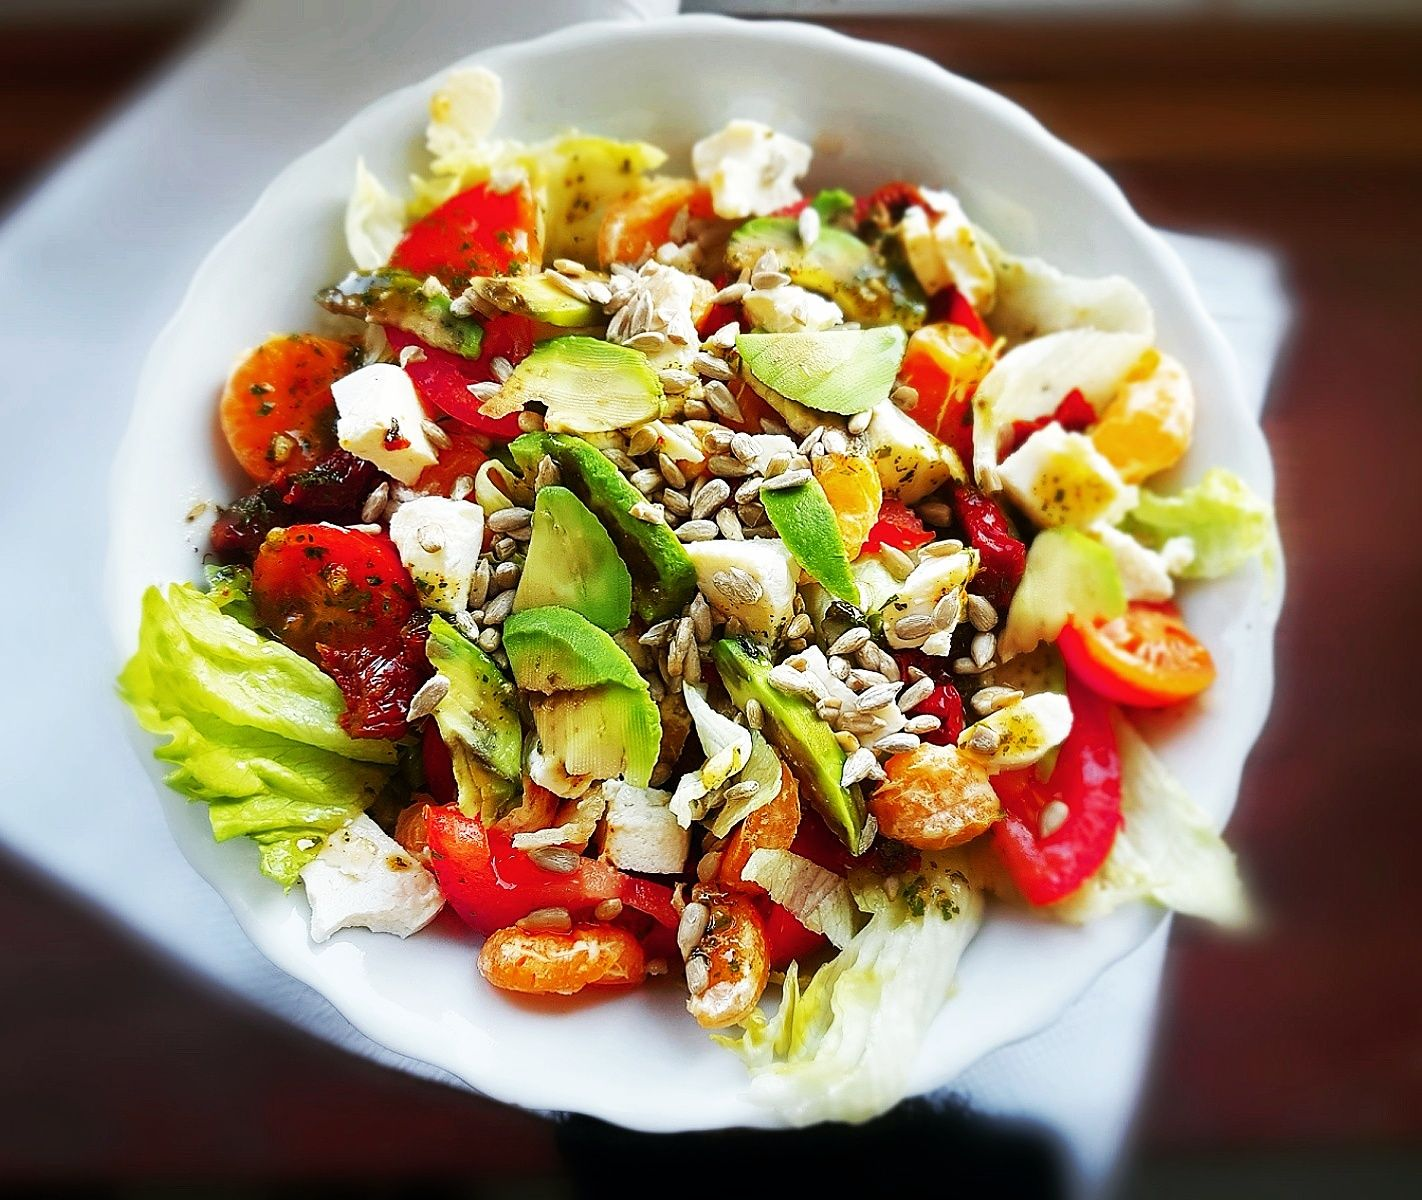 Lekka Kolacja Salatka Z Awokado Suszonymi Pomidorami I Mandarynka Przepis Bassement Healthy Zdrowe Food Salad Salad Food Cobb Salad